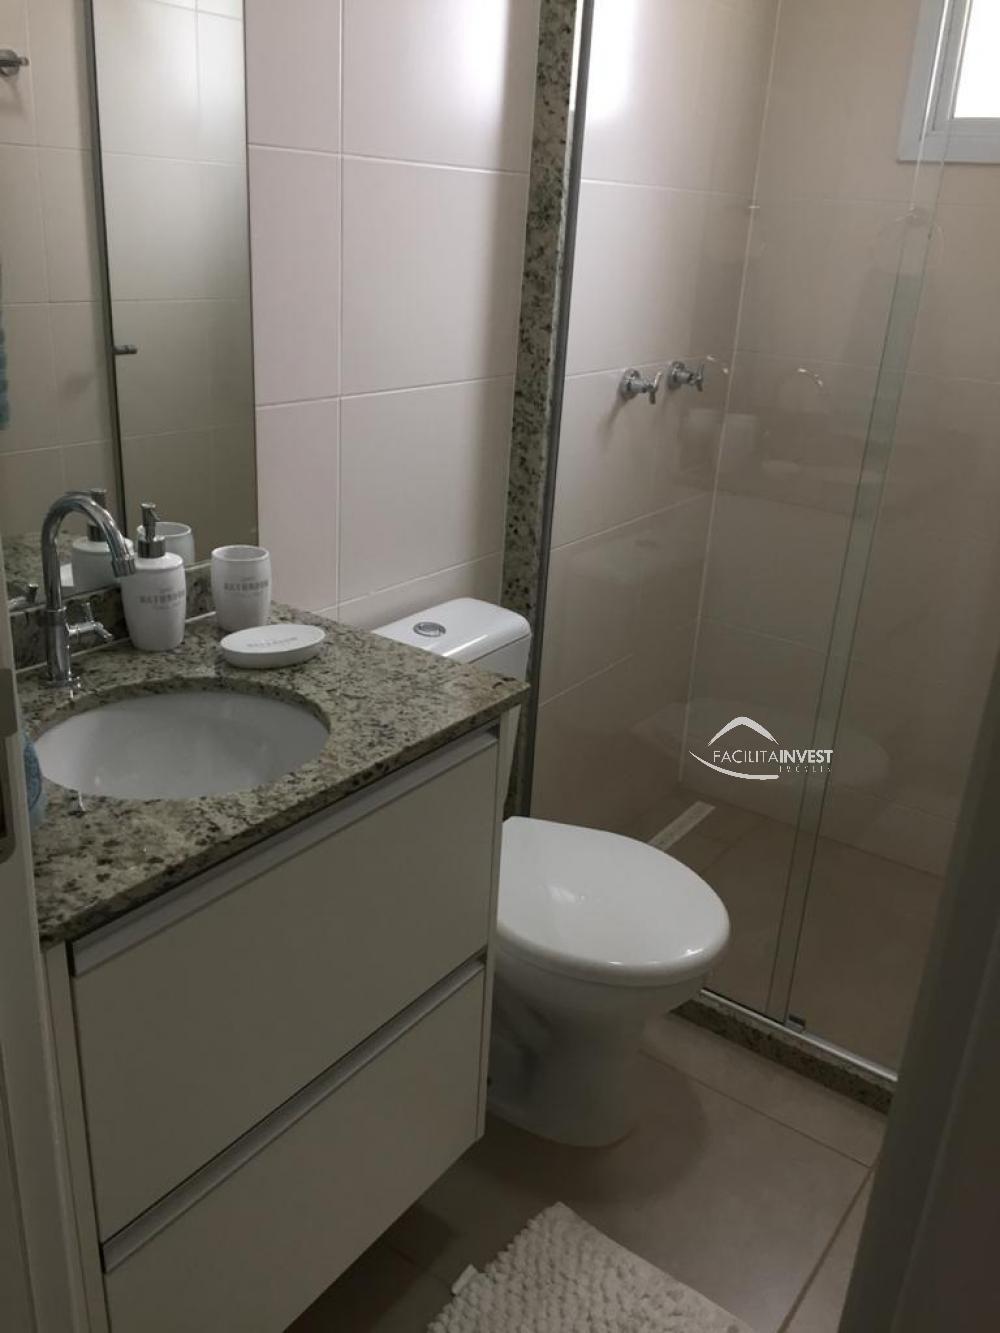 Alugar Apartamentos / Apart. Padrão em Ribeirão Preto R$ 1.900,00 - Foto 17